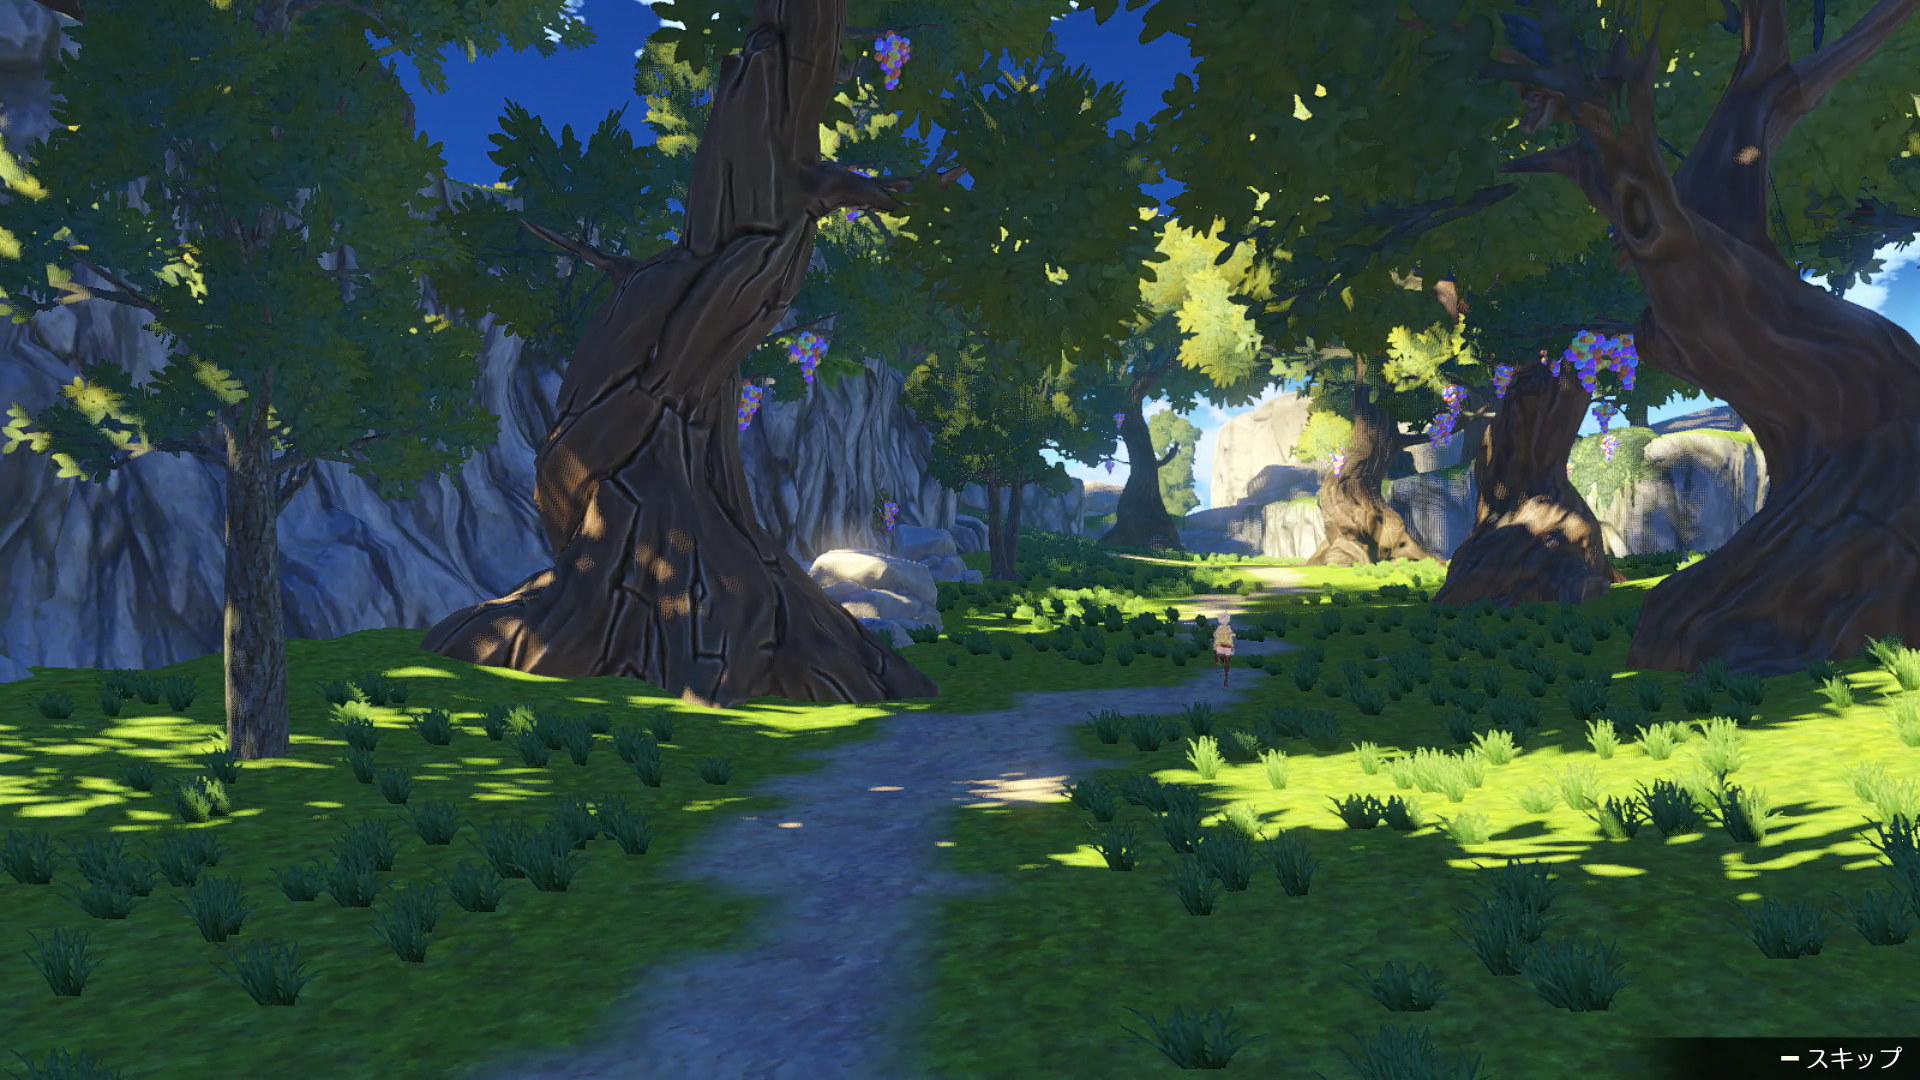 Ad3qhbh - 【朗報】「ライザのアトリエ2 失われた伝説と秘密の妖精」が海外レーティングに登録される